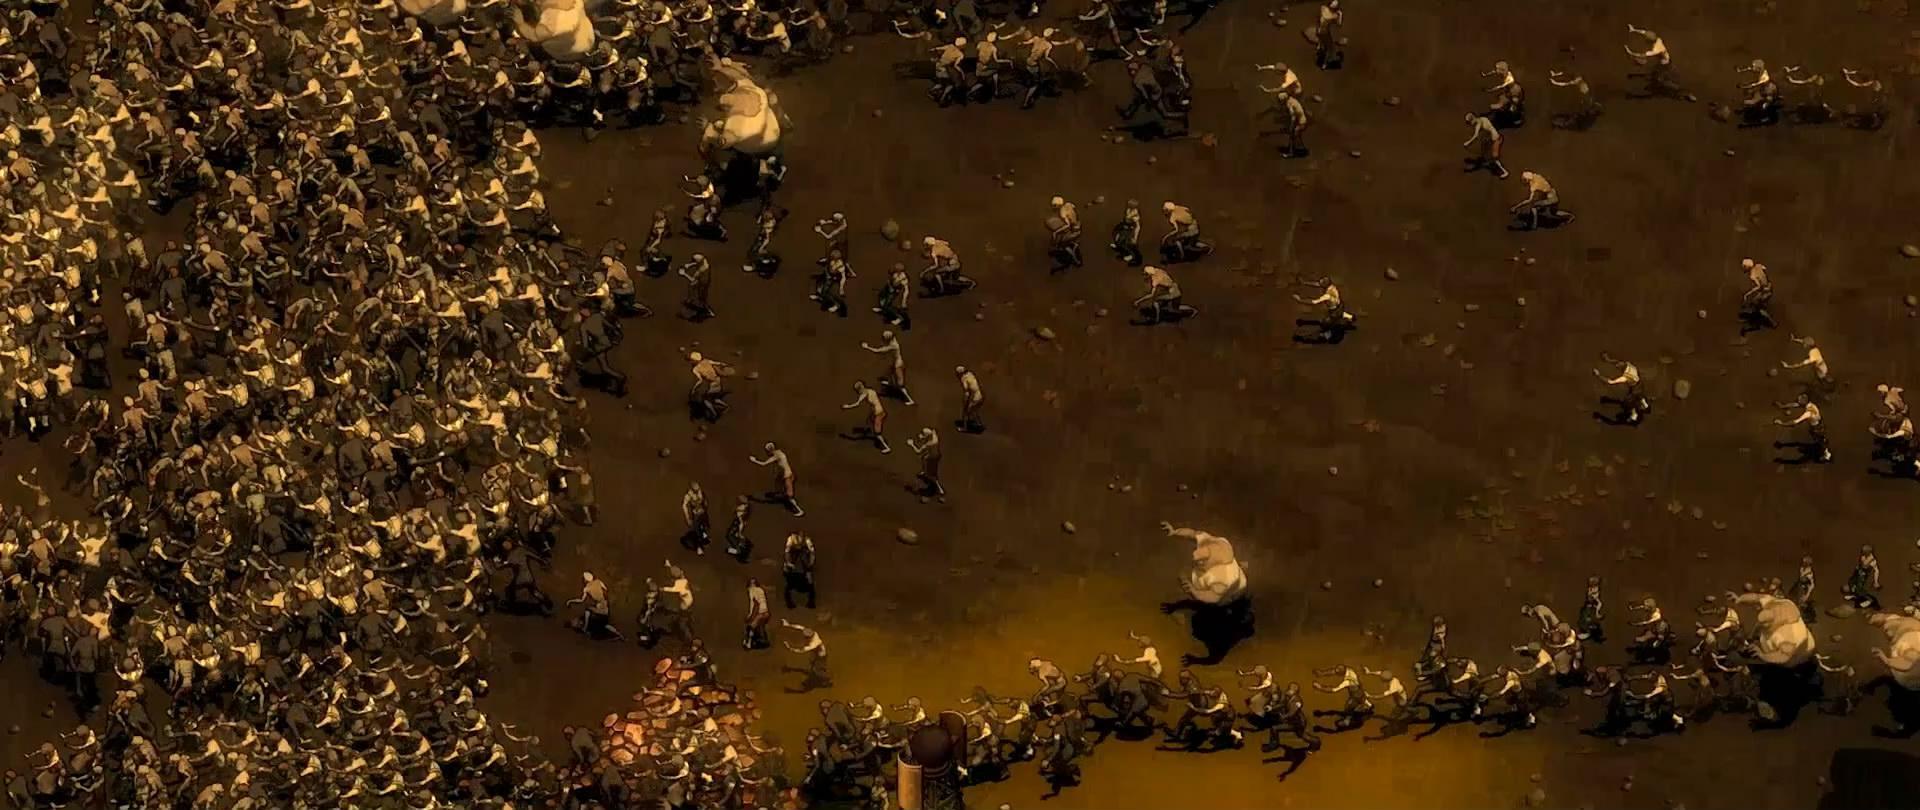 即時戰略遊戲《億萬殭屍》正式版發售 新預告片公佈   電玩01